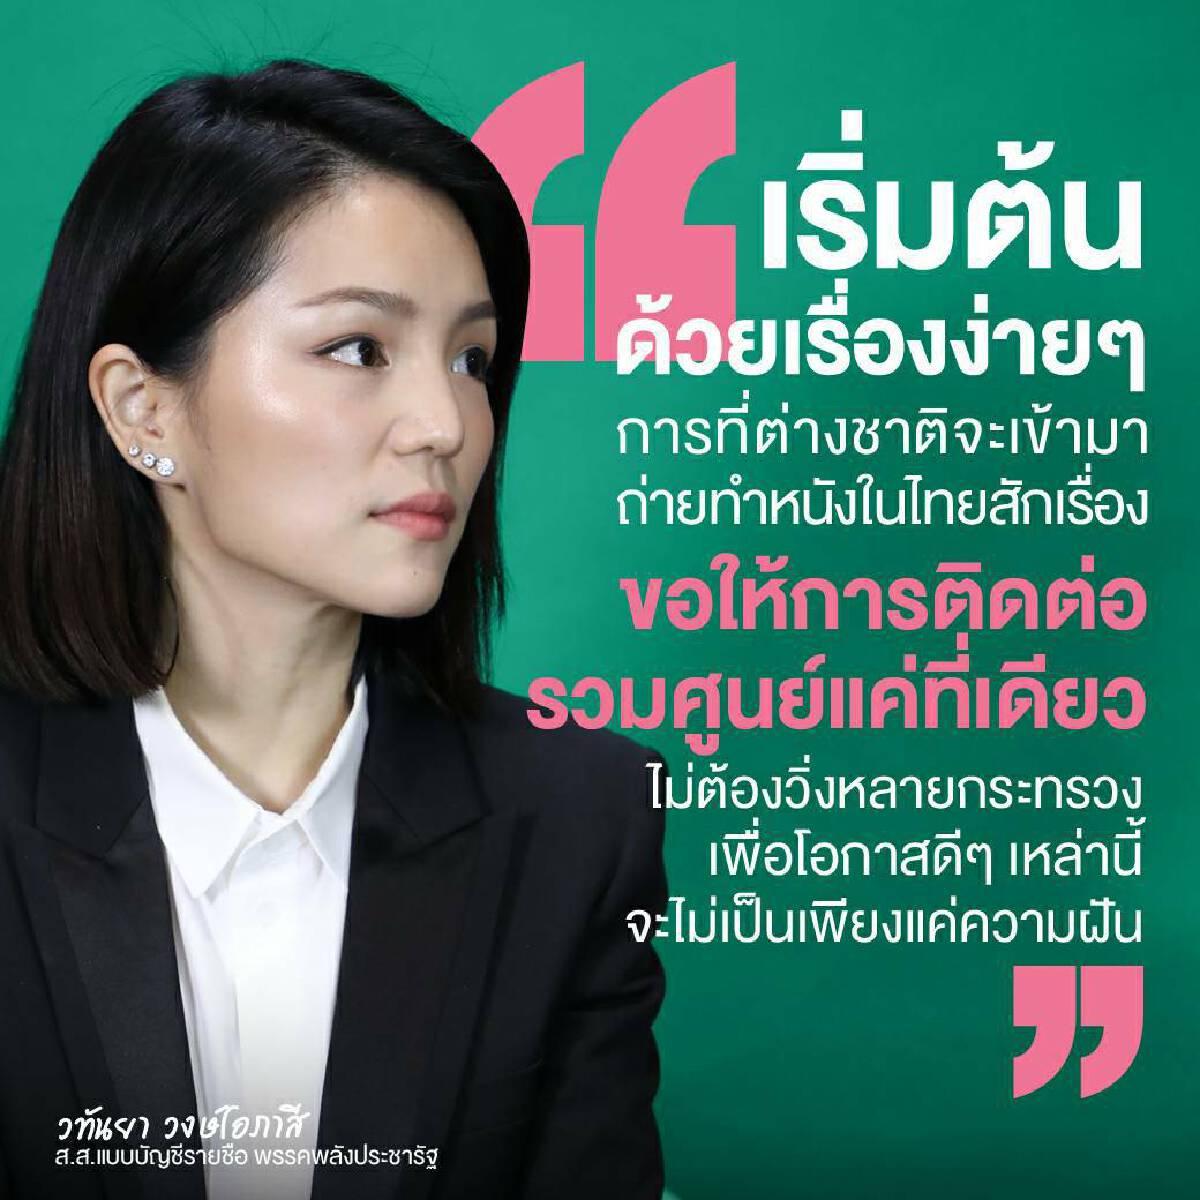 """""""มาดามเดียร์"""" หนุน """"BCG Model"""" สร้างโอกาสและรายได้ให้กับประเทศไทย"""